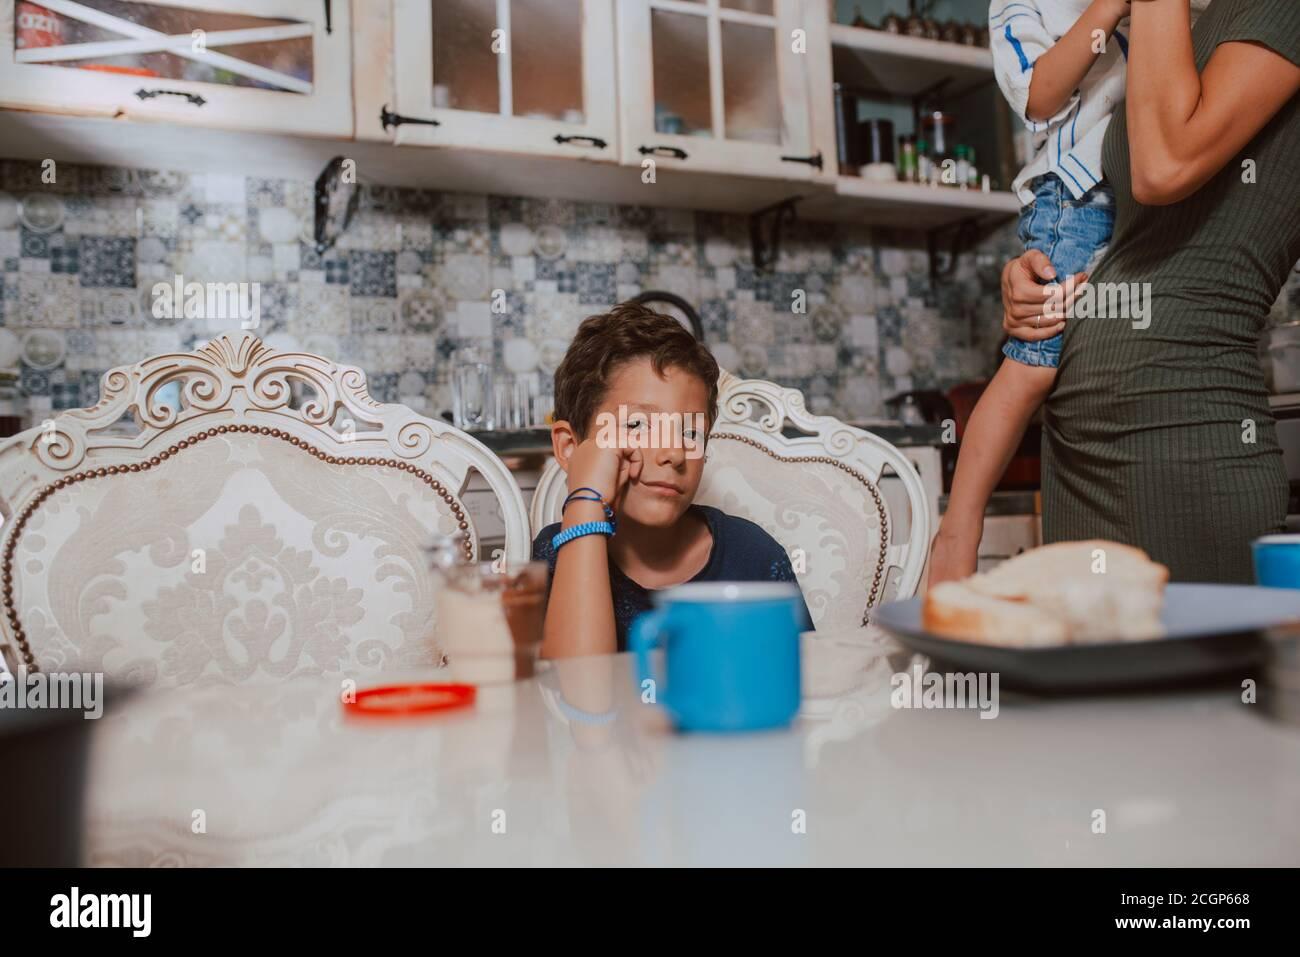 Eine schöne kaukasische Mutter in einem Kleid mit ihren beiden Söhnen steht während des Frühstücks in der Küche. Zeit mit der Familie Stockfoto